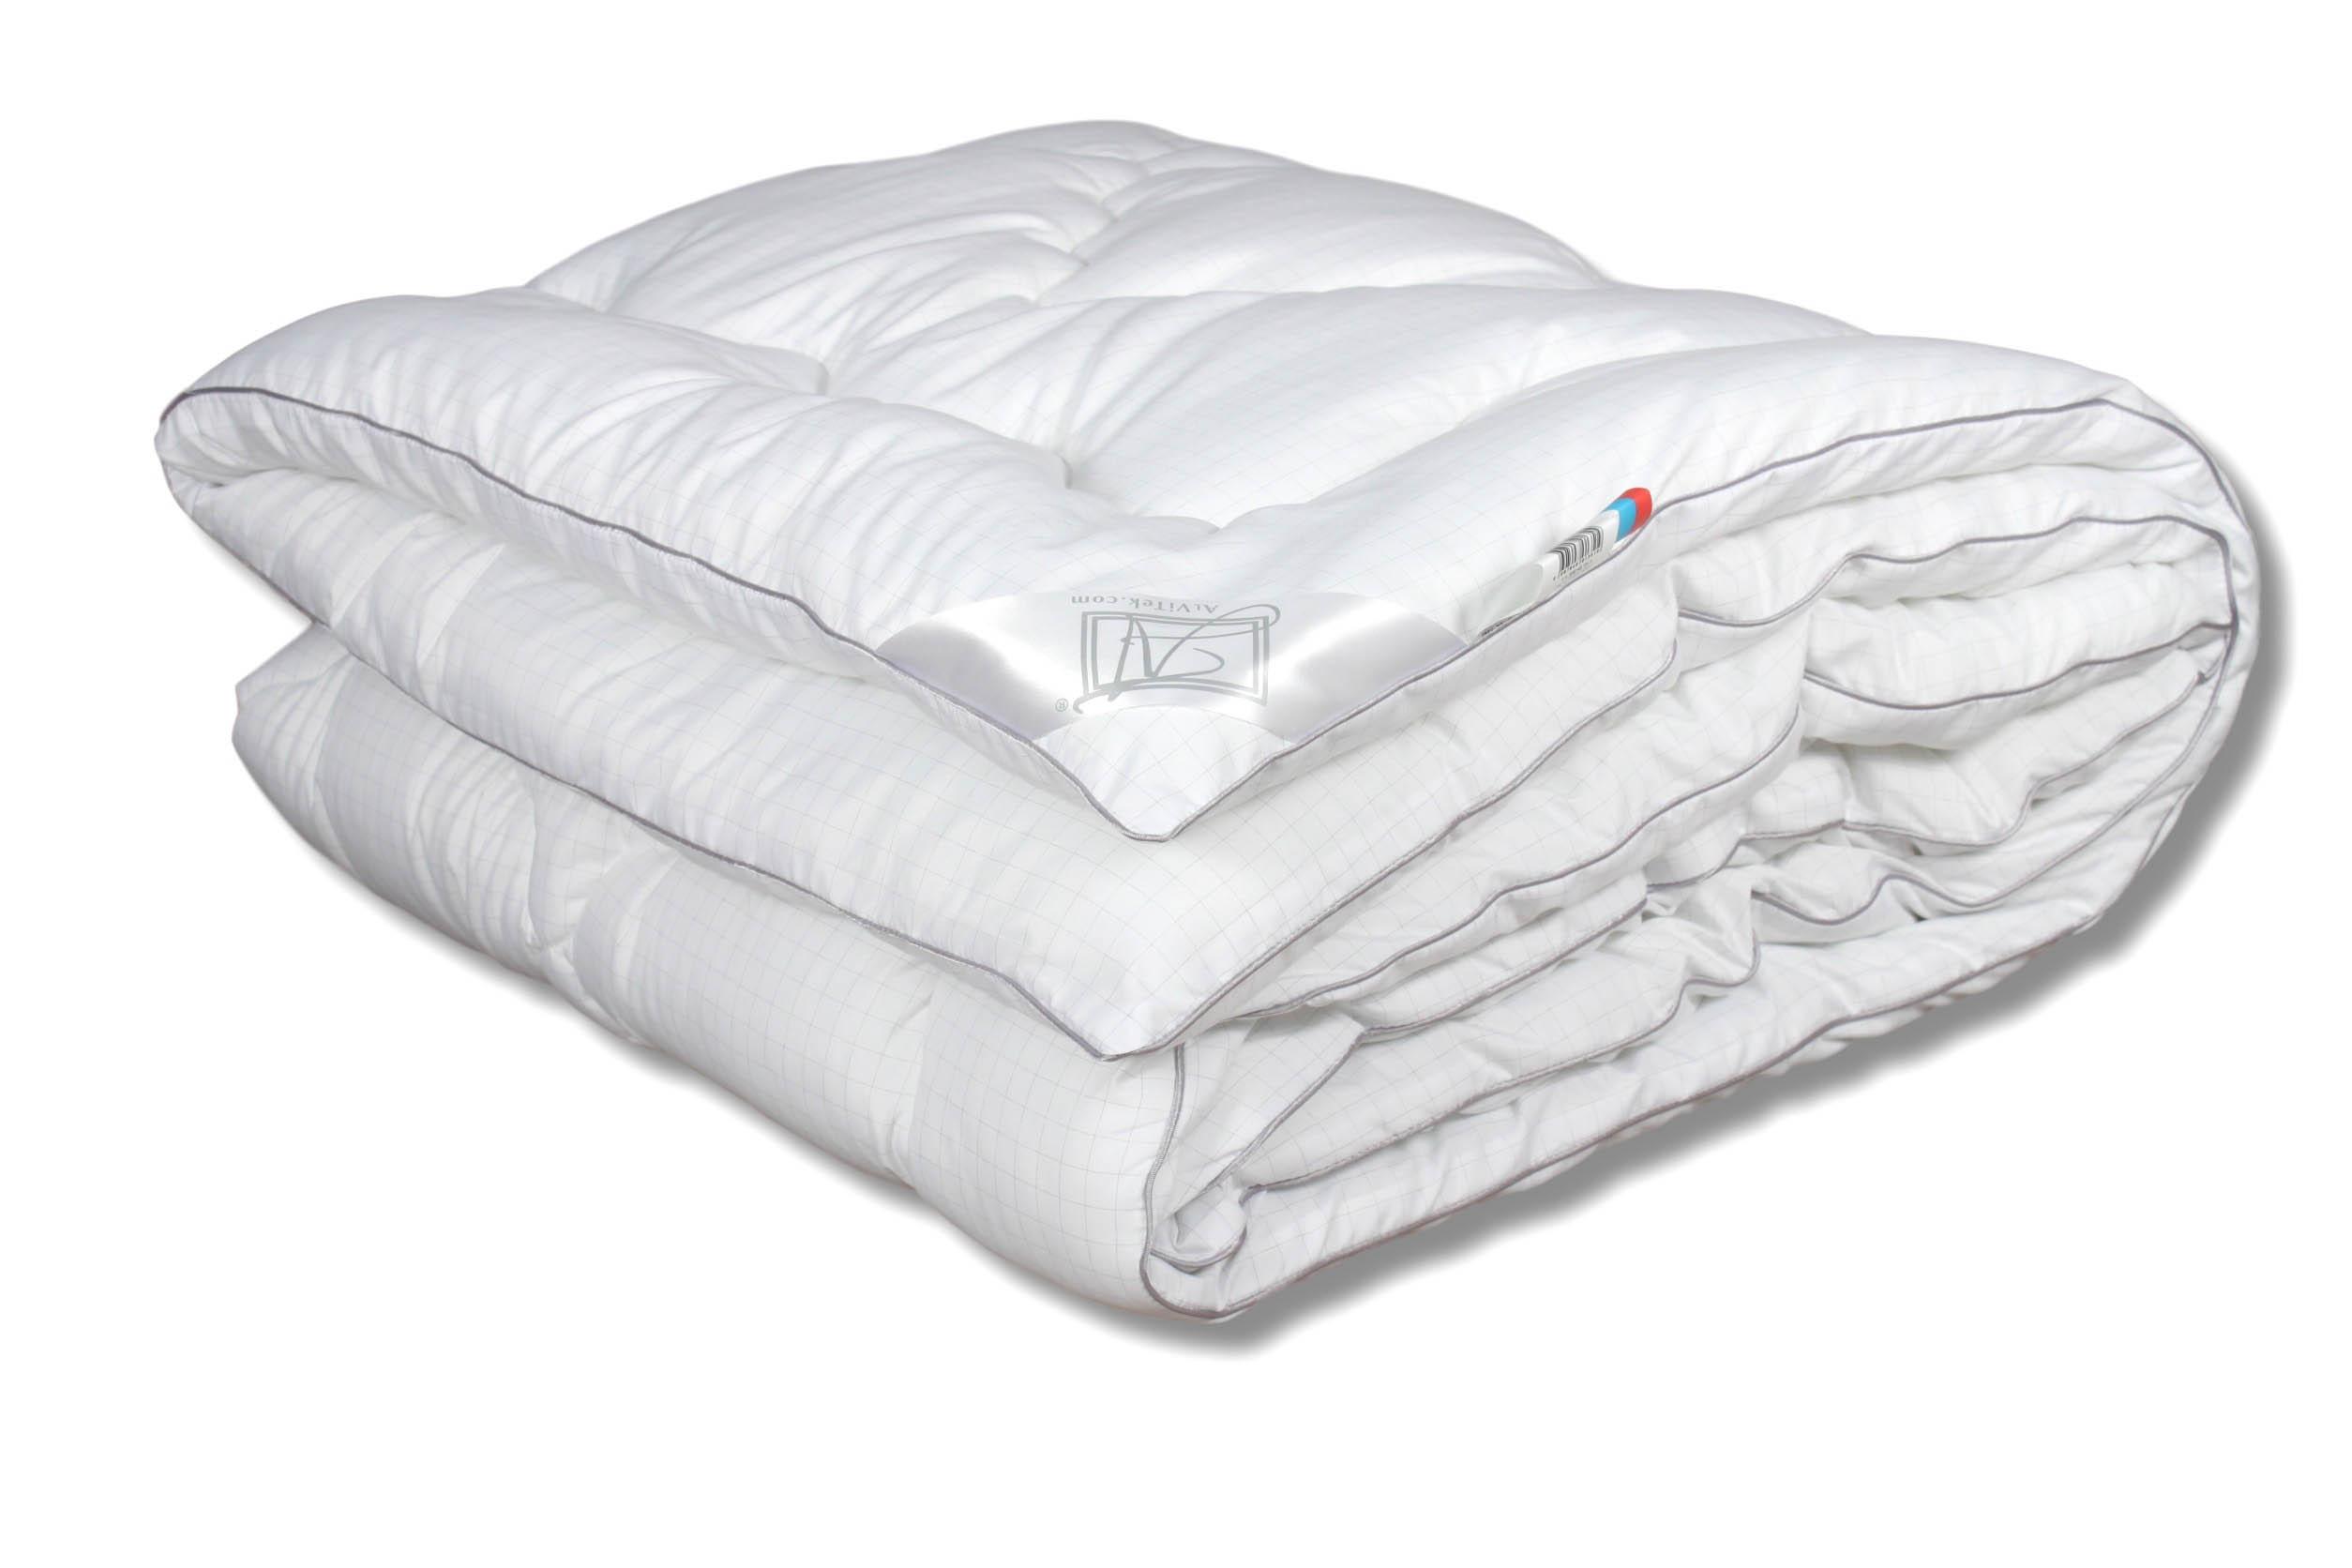 Одеяла AlViTek Одеяло Карбон Легкое (200х220 см) одеяла alvitek одеяло бризлегкое 200x220 см